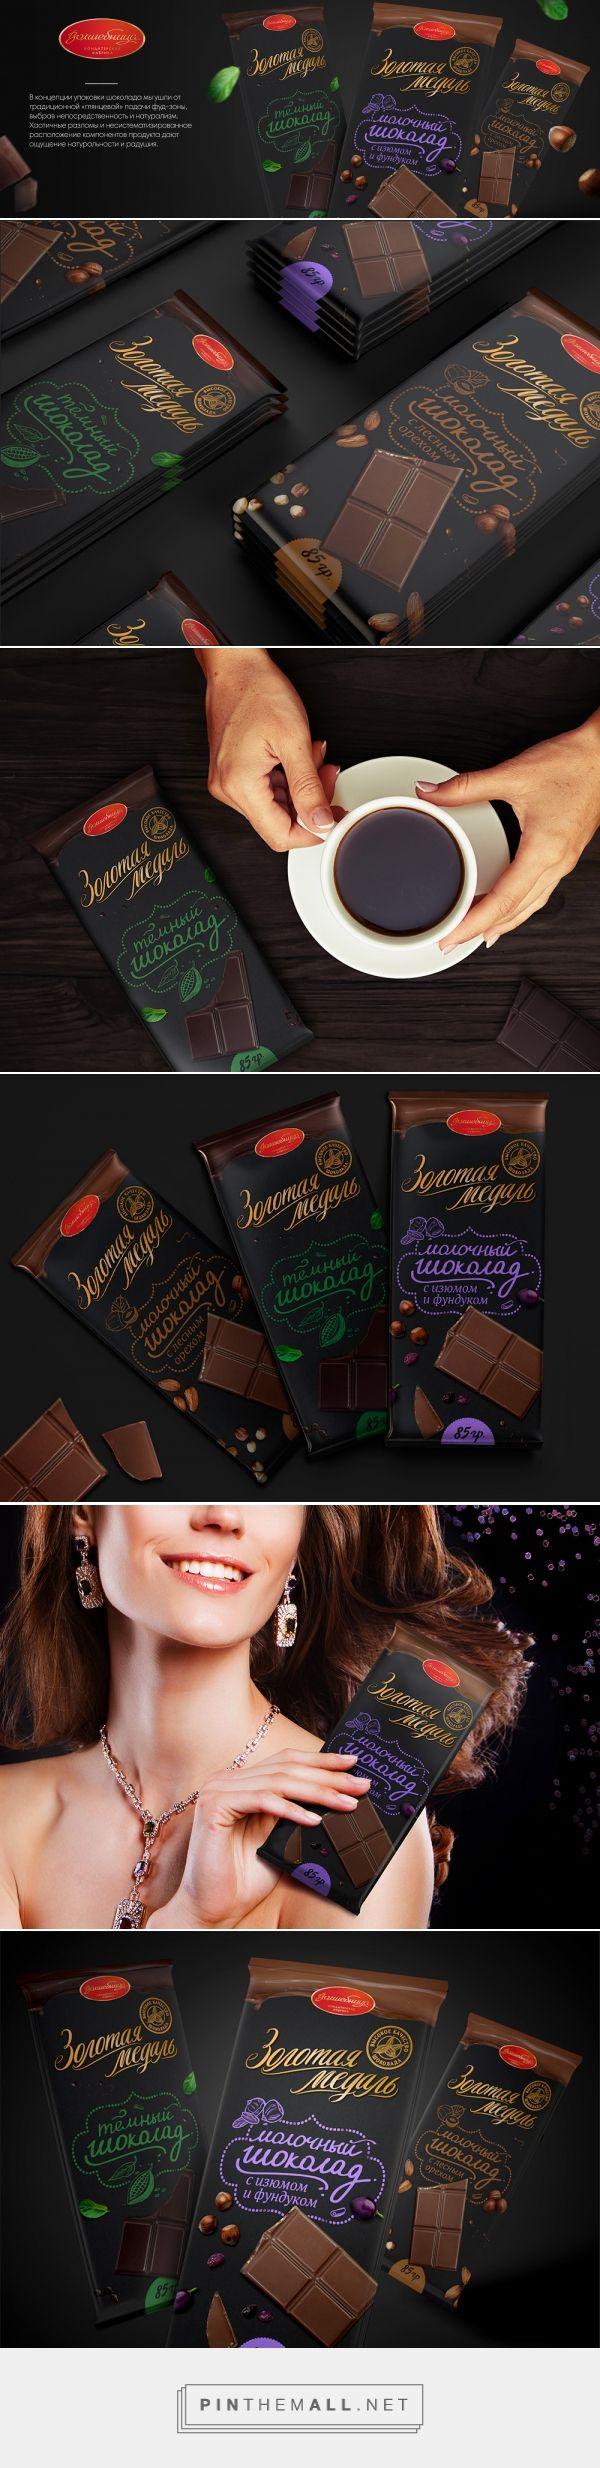 Разработка концепции дизайна упаковки шоколада «Золотая медаль» | РА «Гордость» - created via https://pinthemall.net